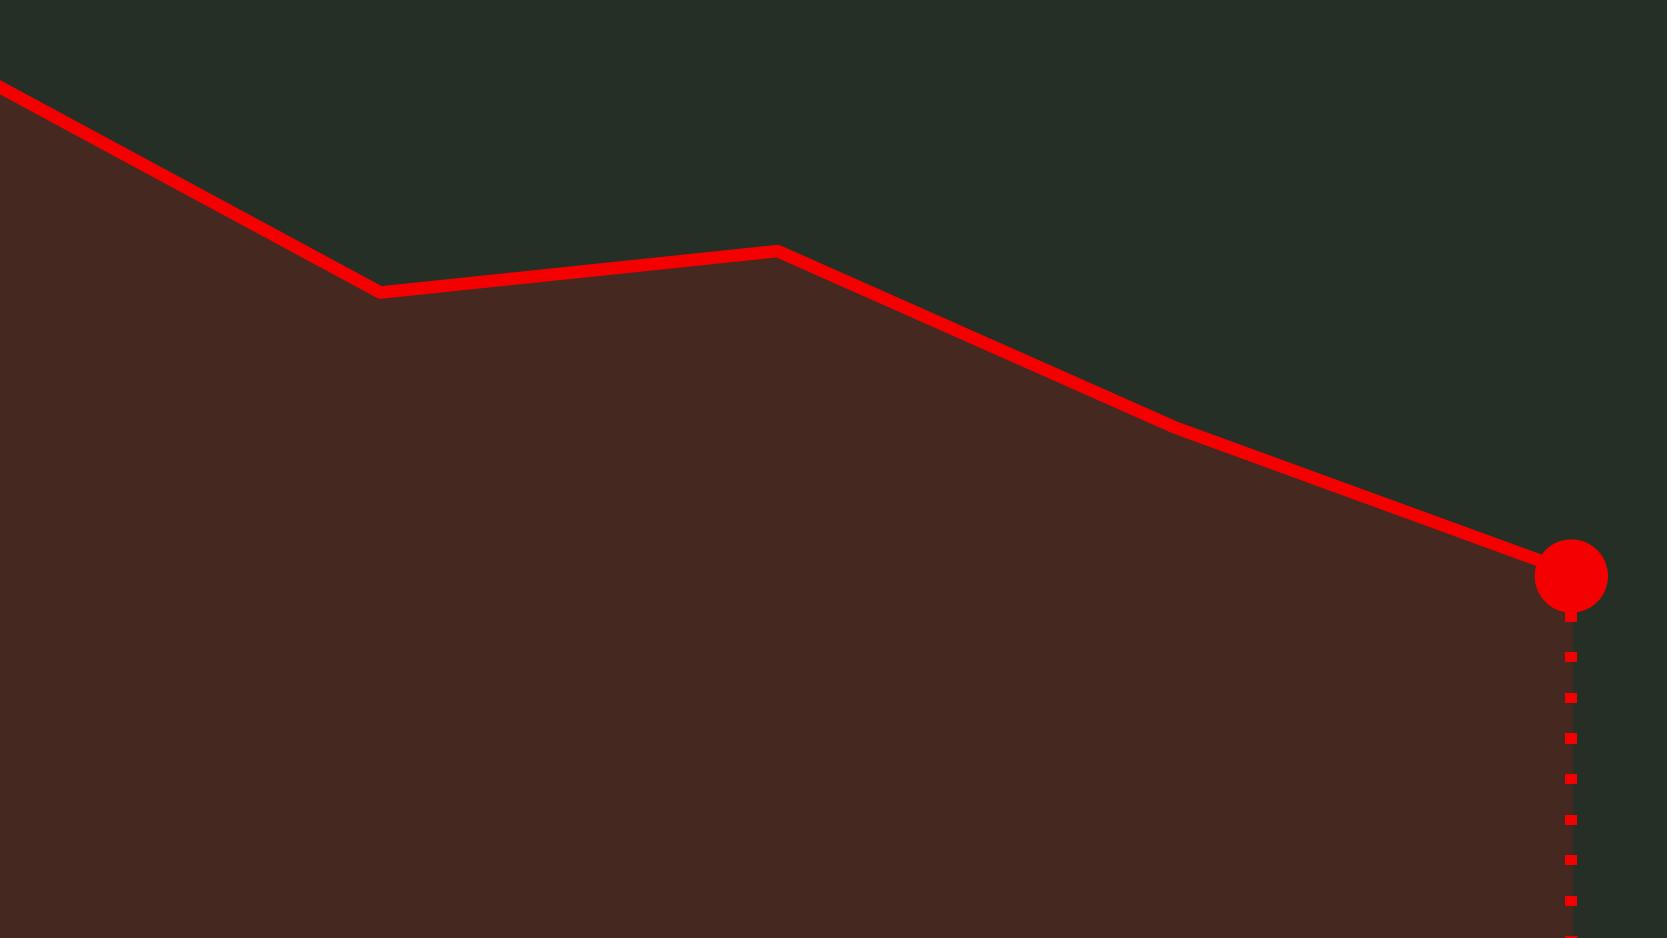 Deslize de 3% do BCP arrasta Lisboa para o vermelho